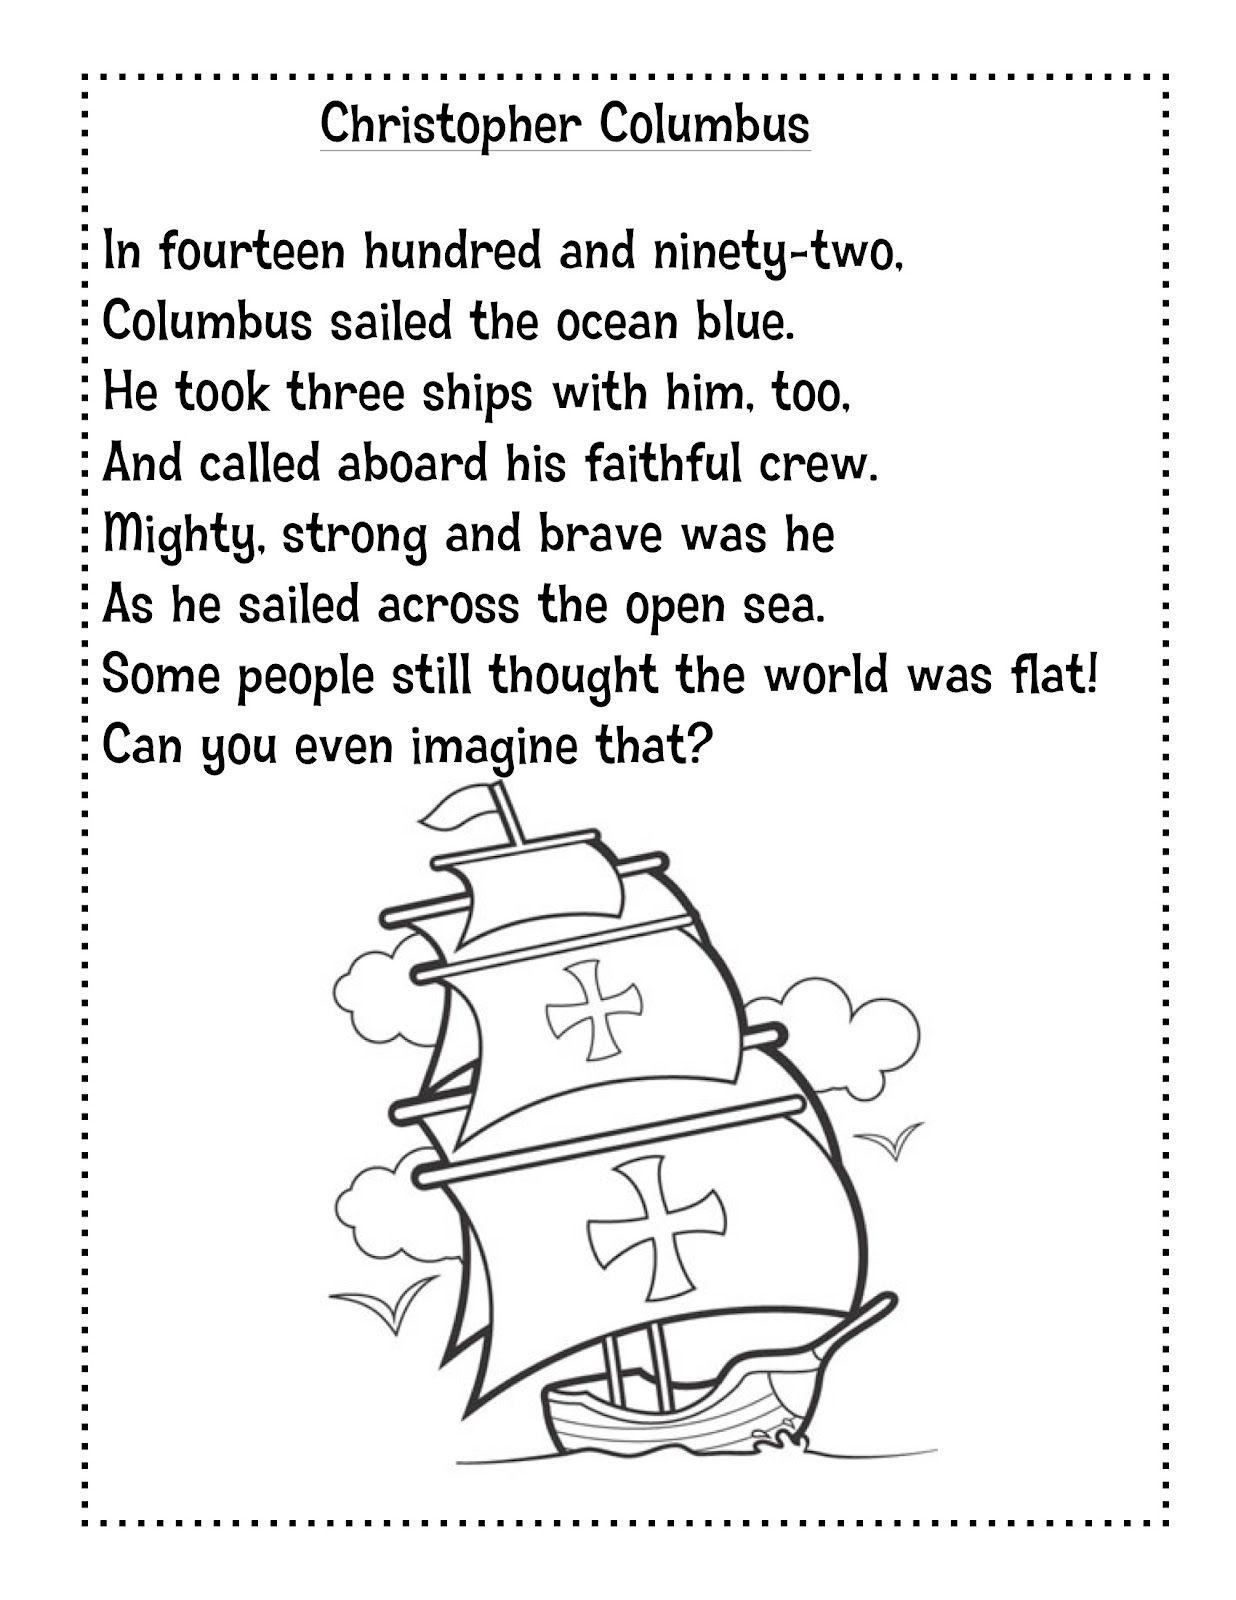 Este Es Un Ejemplo De Un Poema Que Unos Maestros Hicieron